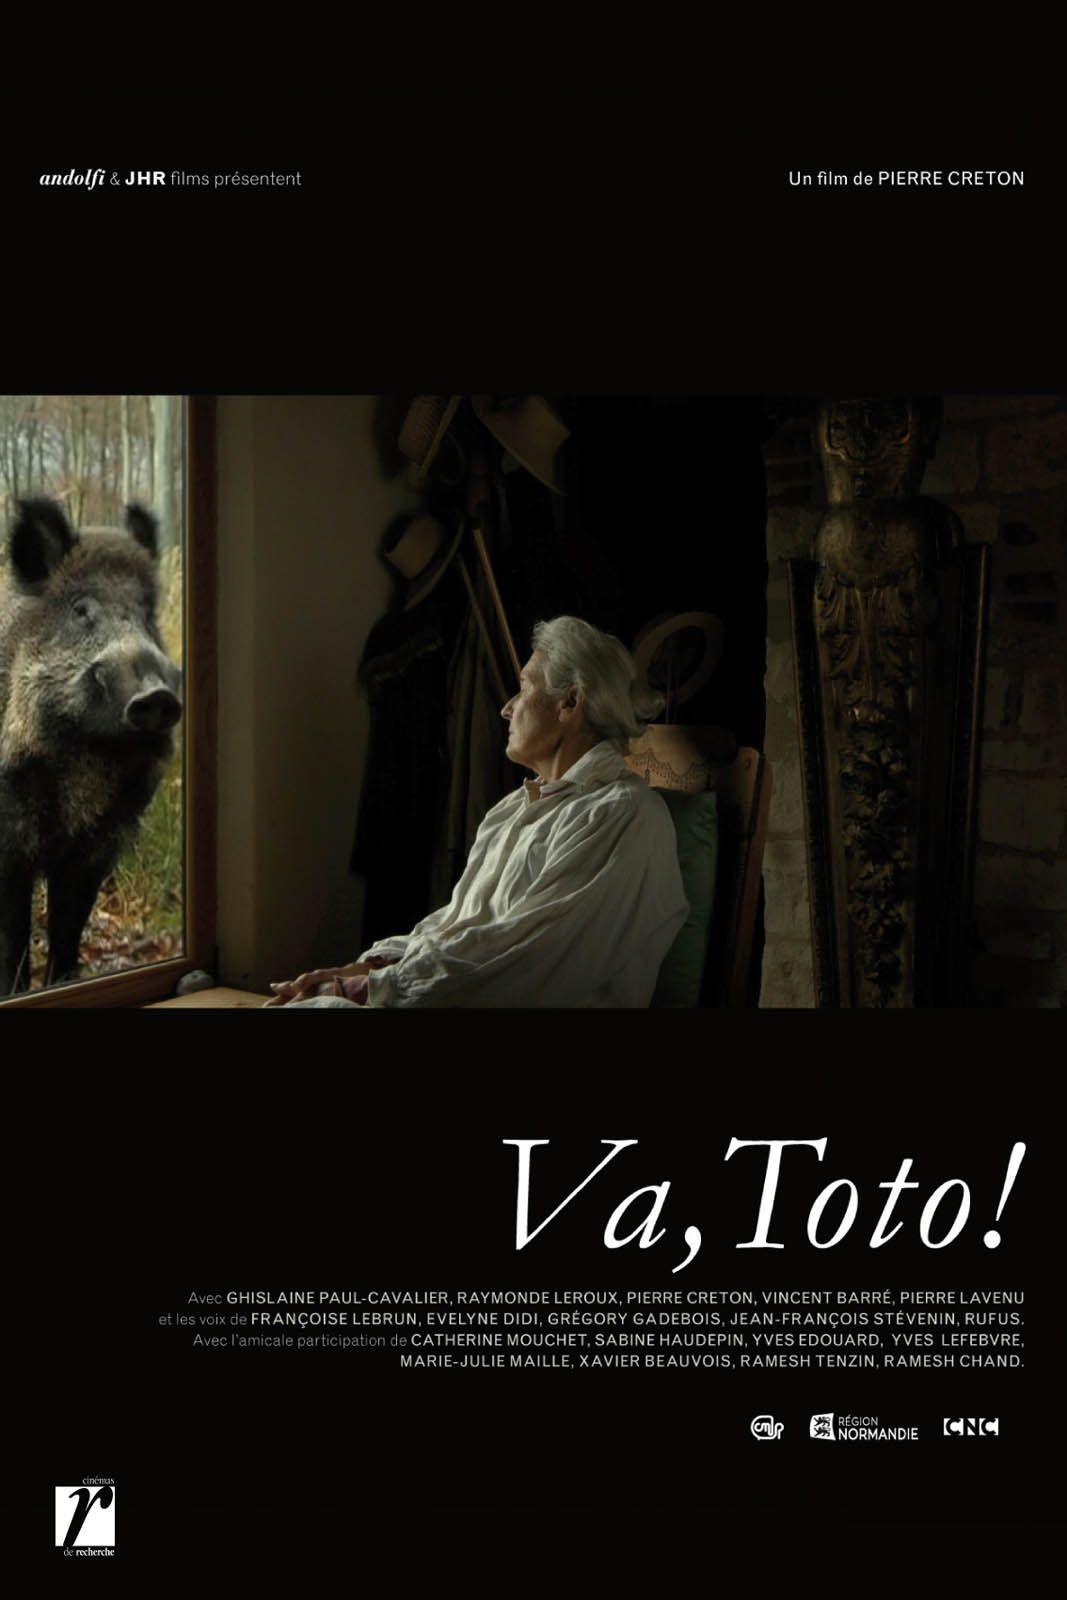 Va, Toto ! - Film (2017)